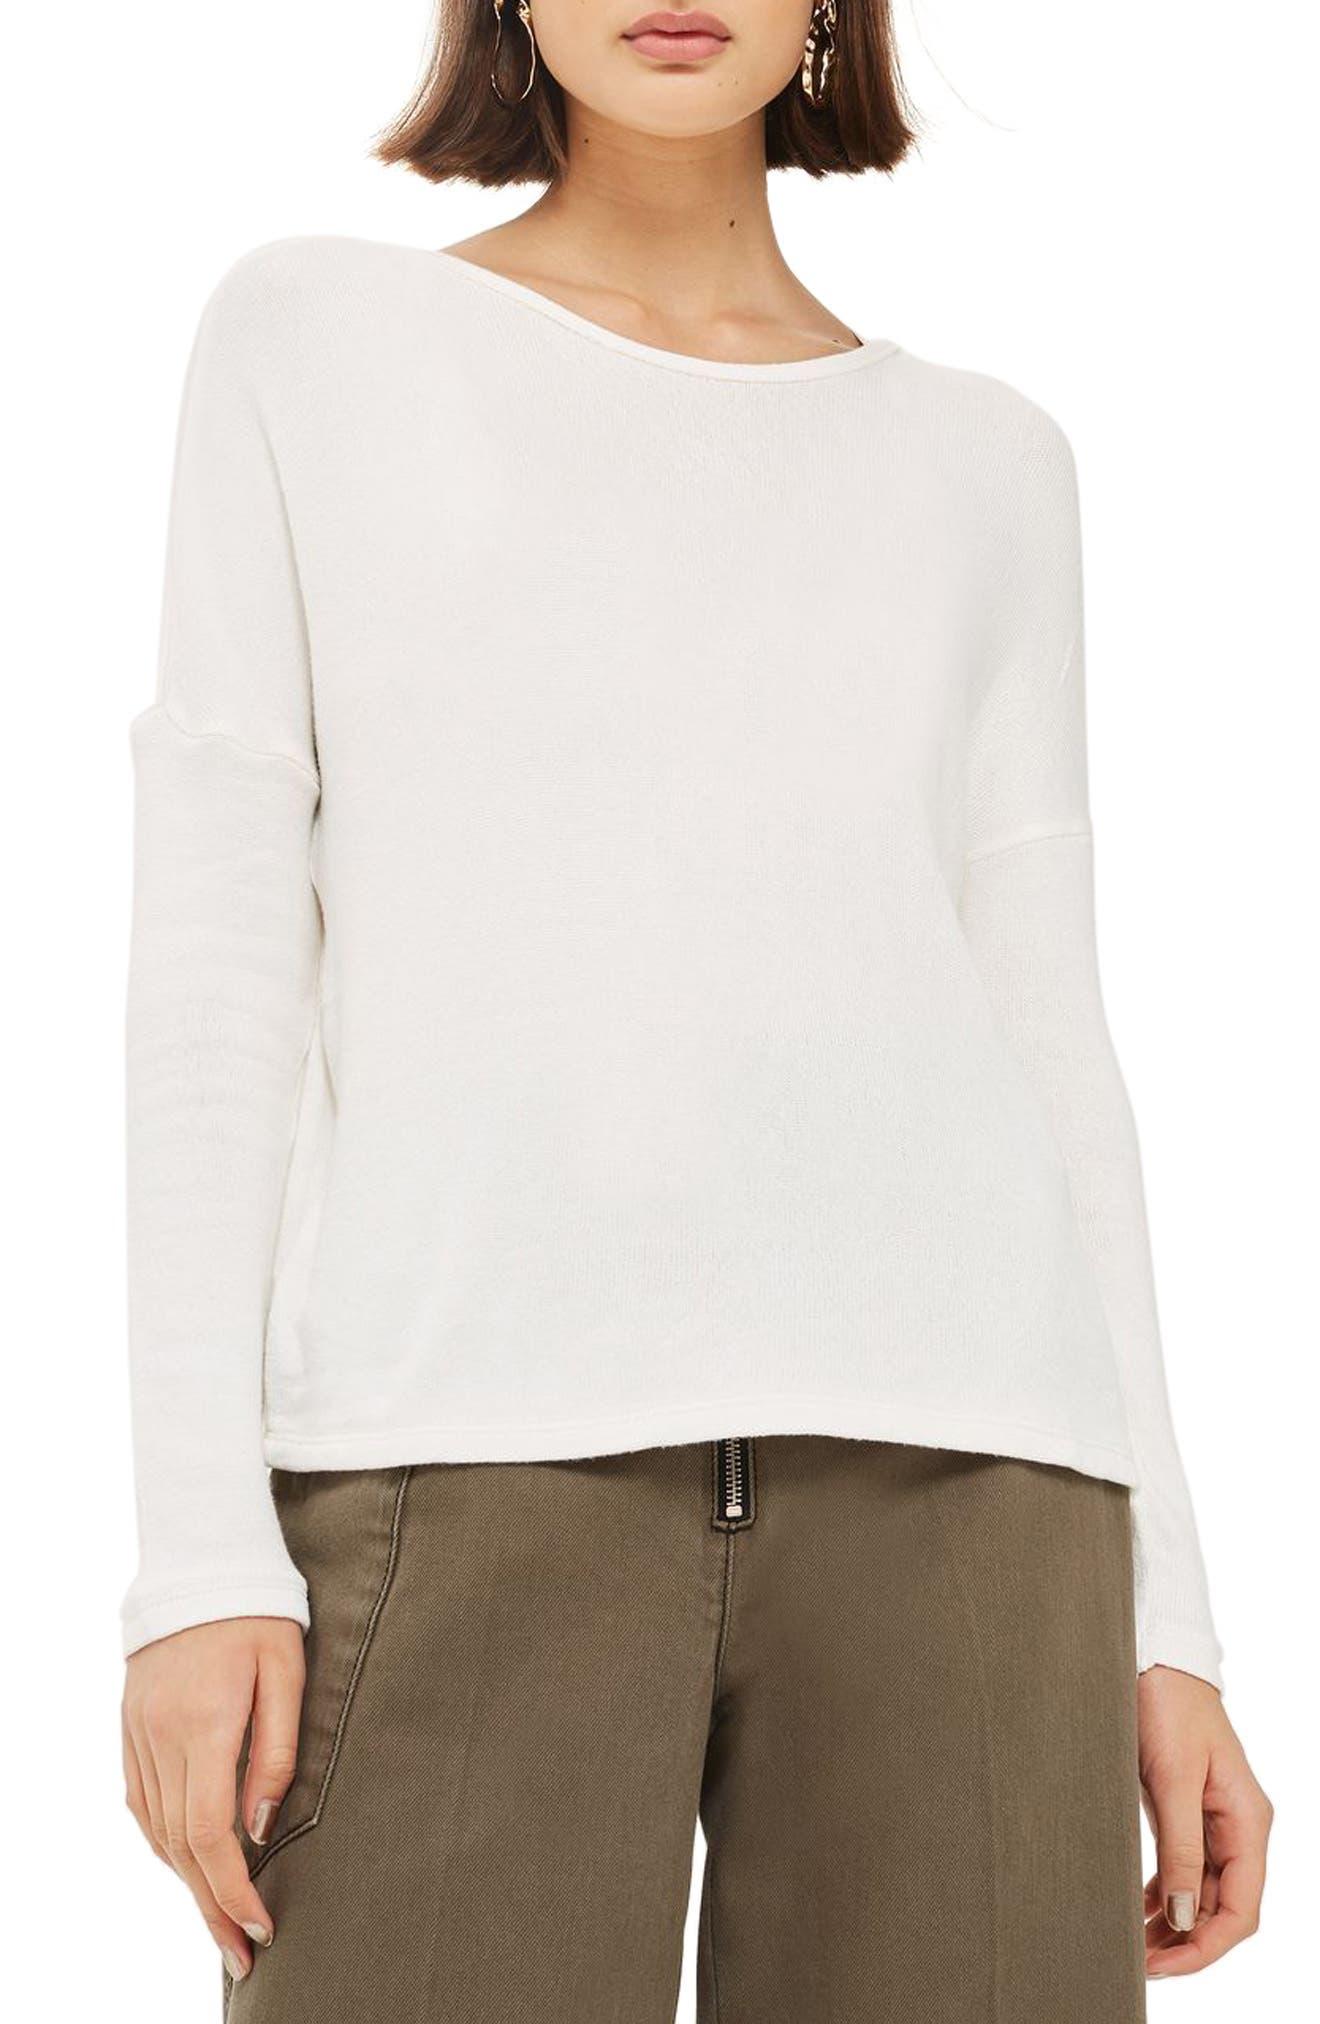 Topshop Drop Shoulder Tie Back Sweater